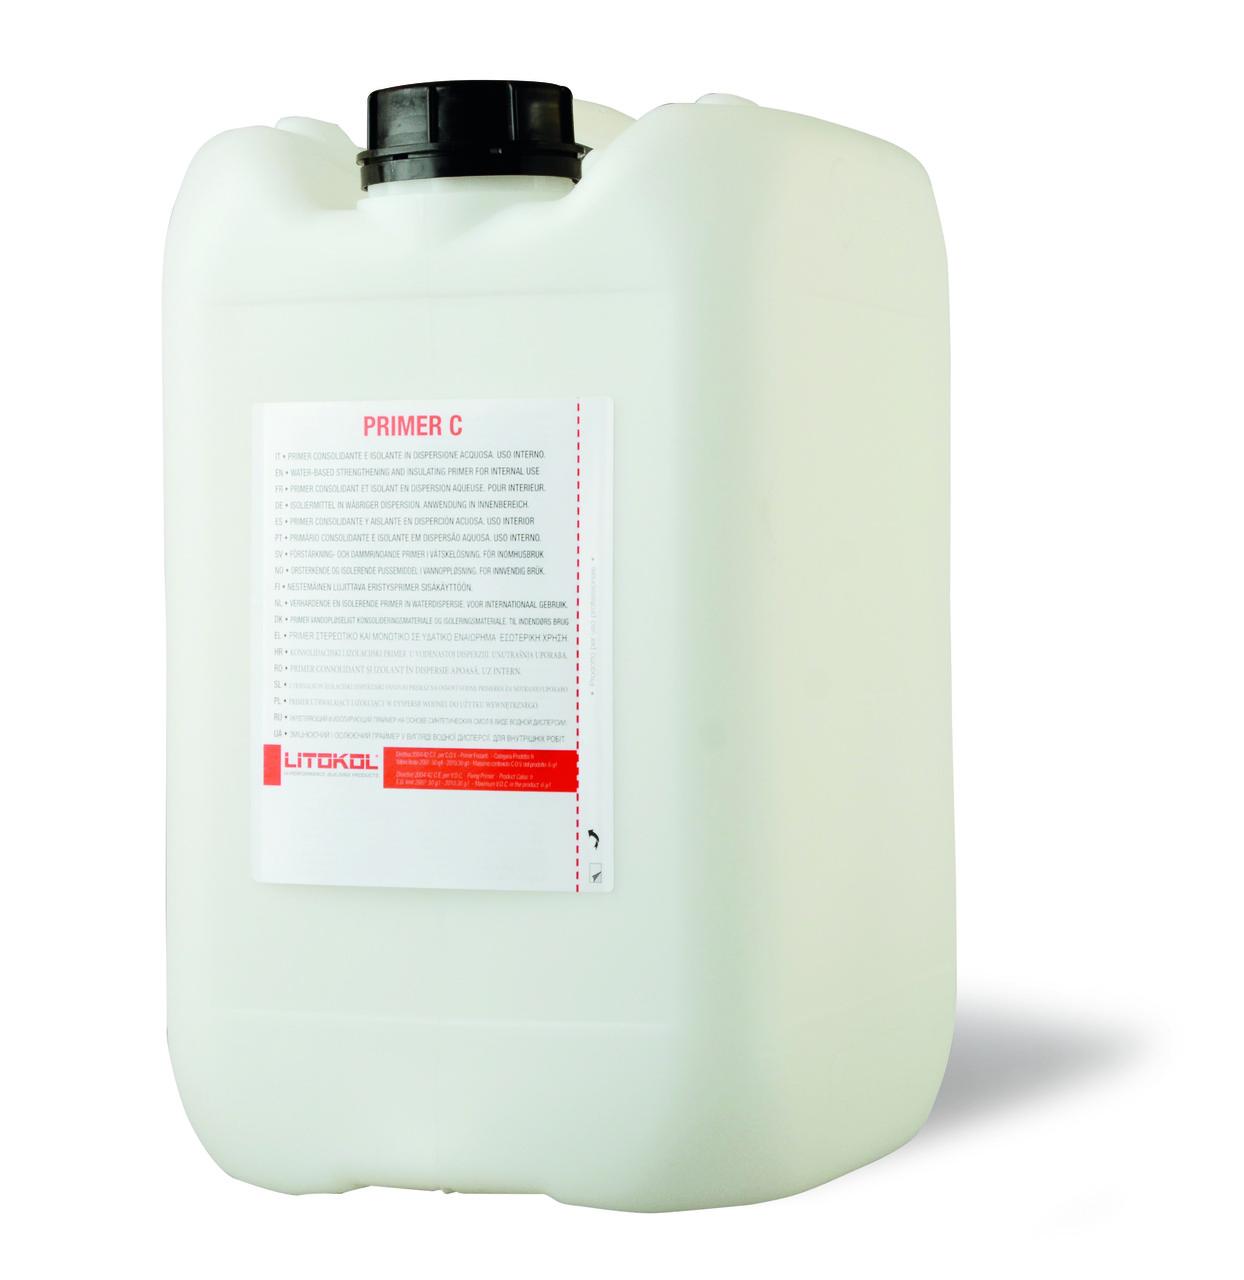 Грунтовка глубокого проникновения Litokol PRIMER C(литокол праймер с) 5 кг